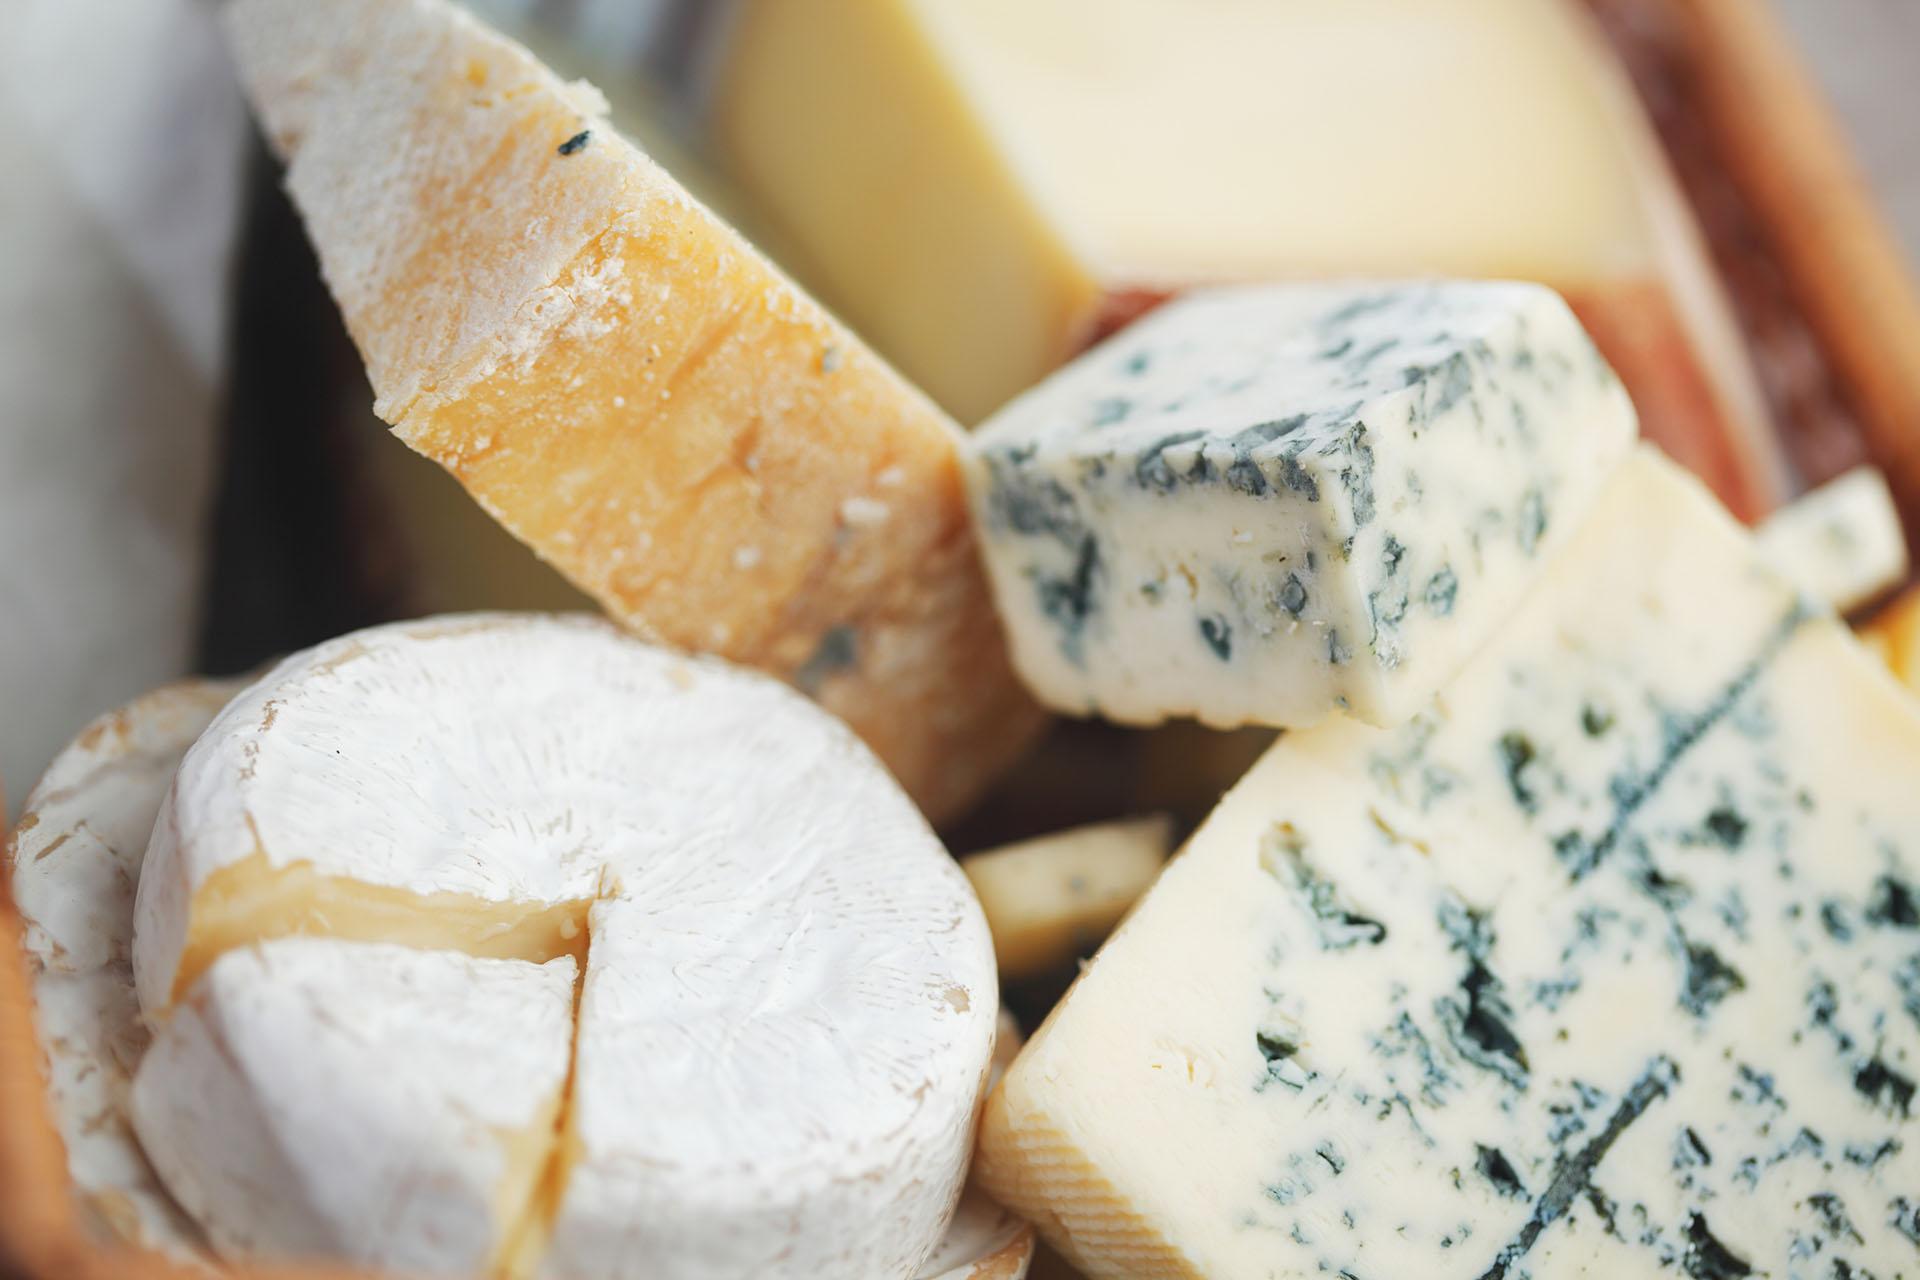 Texto: A variedade de queijos que existe agrada a muitos paladares. Foto: Yellowj/Shutterstock.